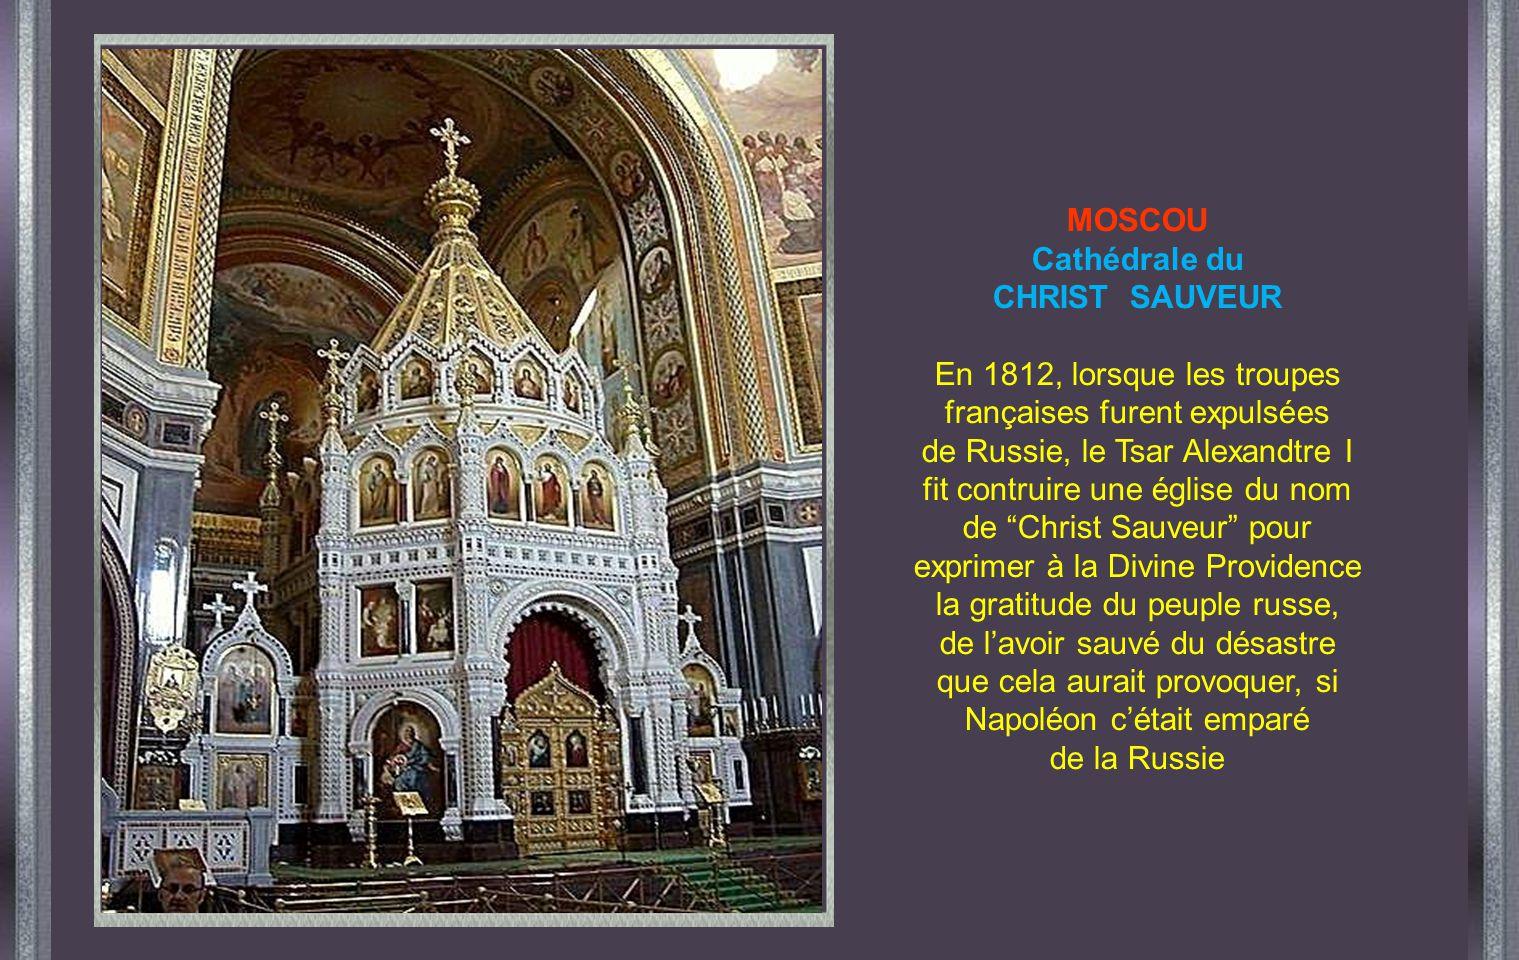 MOSCOU Cathédrale du CHRIST SAUVEUR